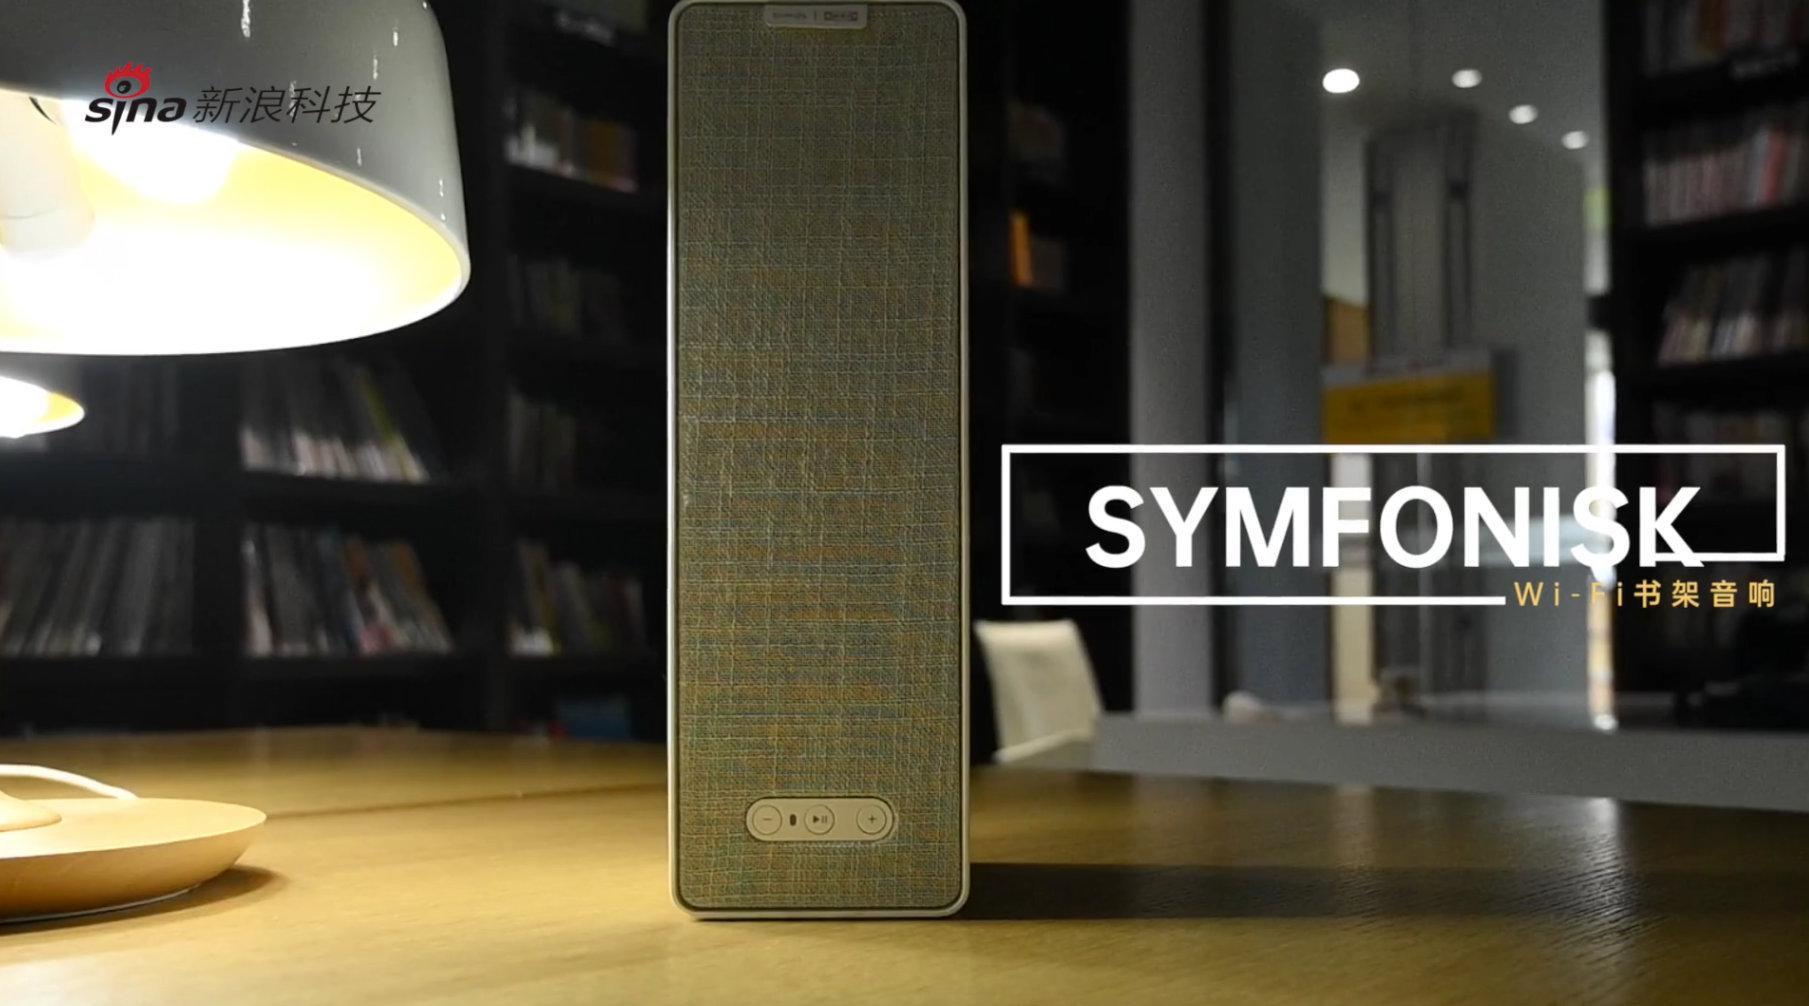 4月1日开始Sonos和宜家家居合作的希姆弗斯系列Wi-Fi音响登陆门店